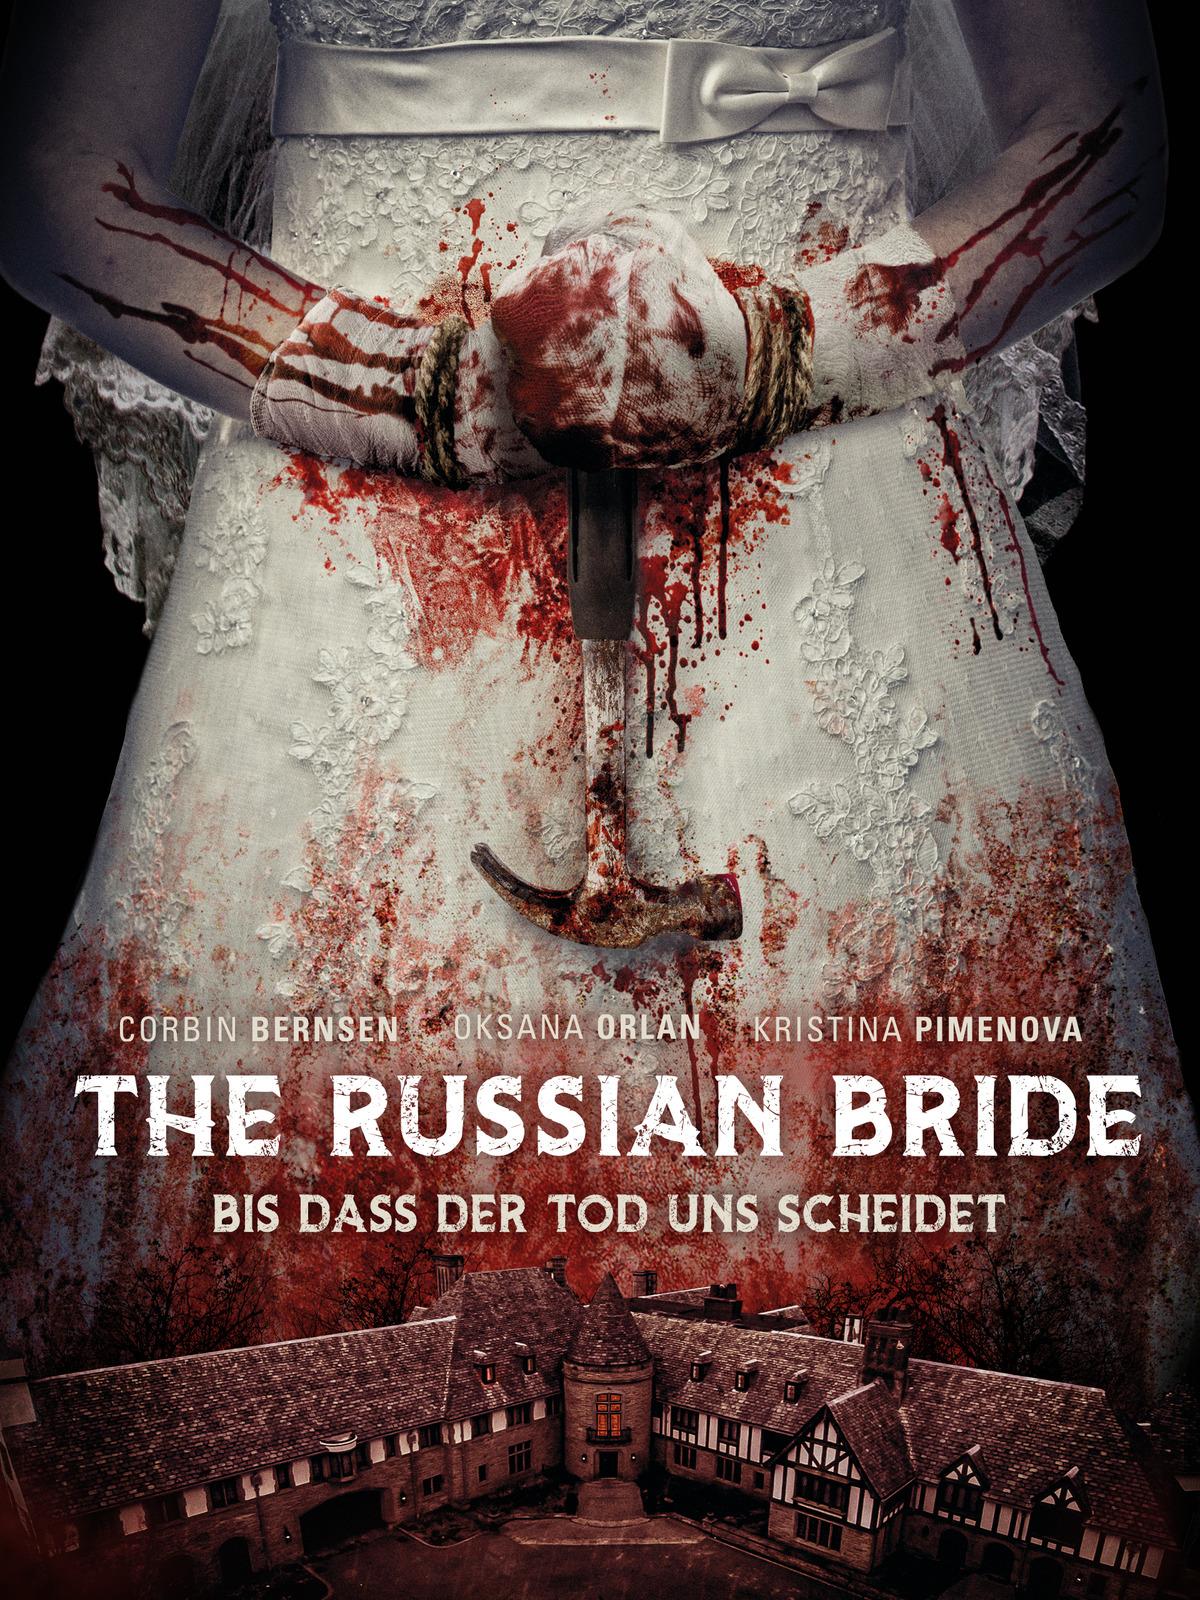 The Russian Bride - Bis dass der Tod uns scheidet